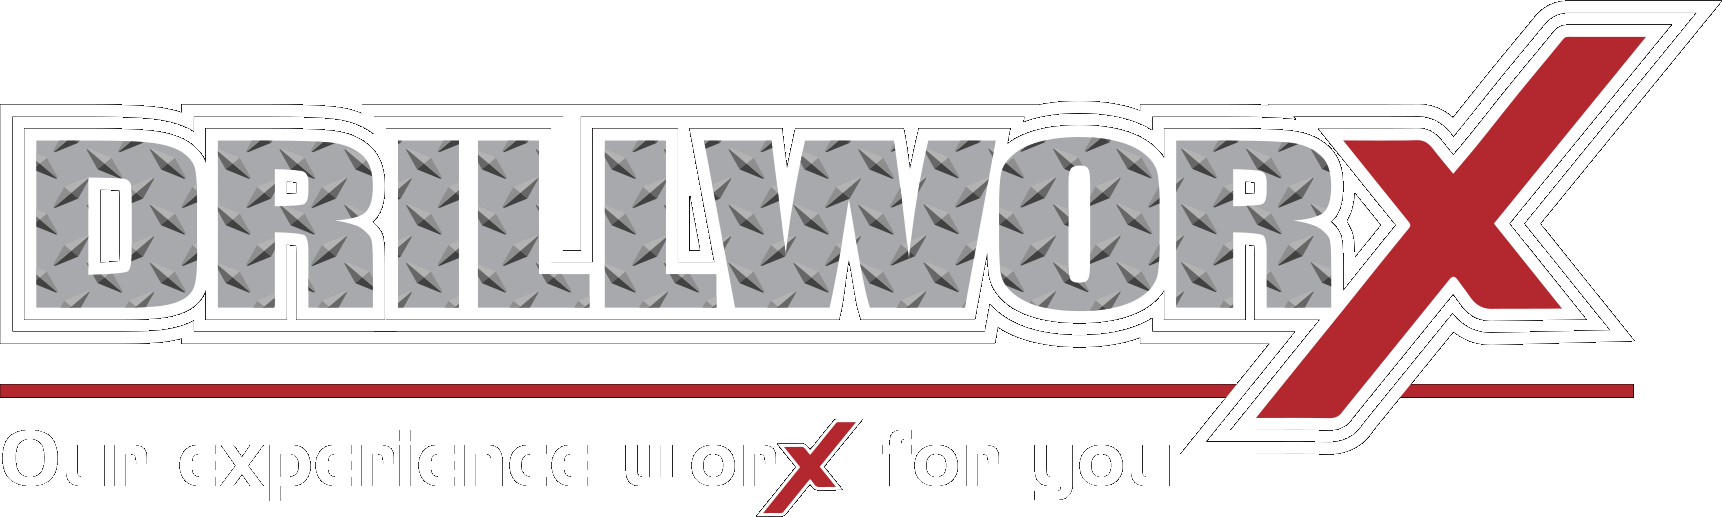 Drillworx Shop